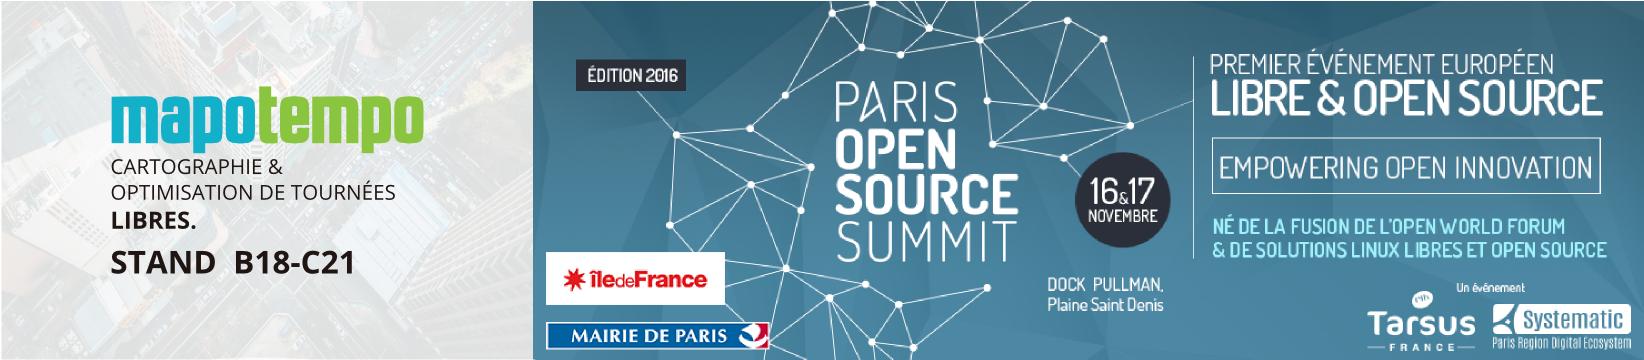 open_source_paris_mapotempo